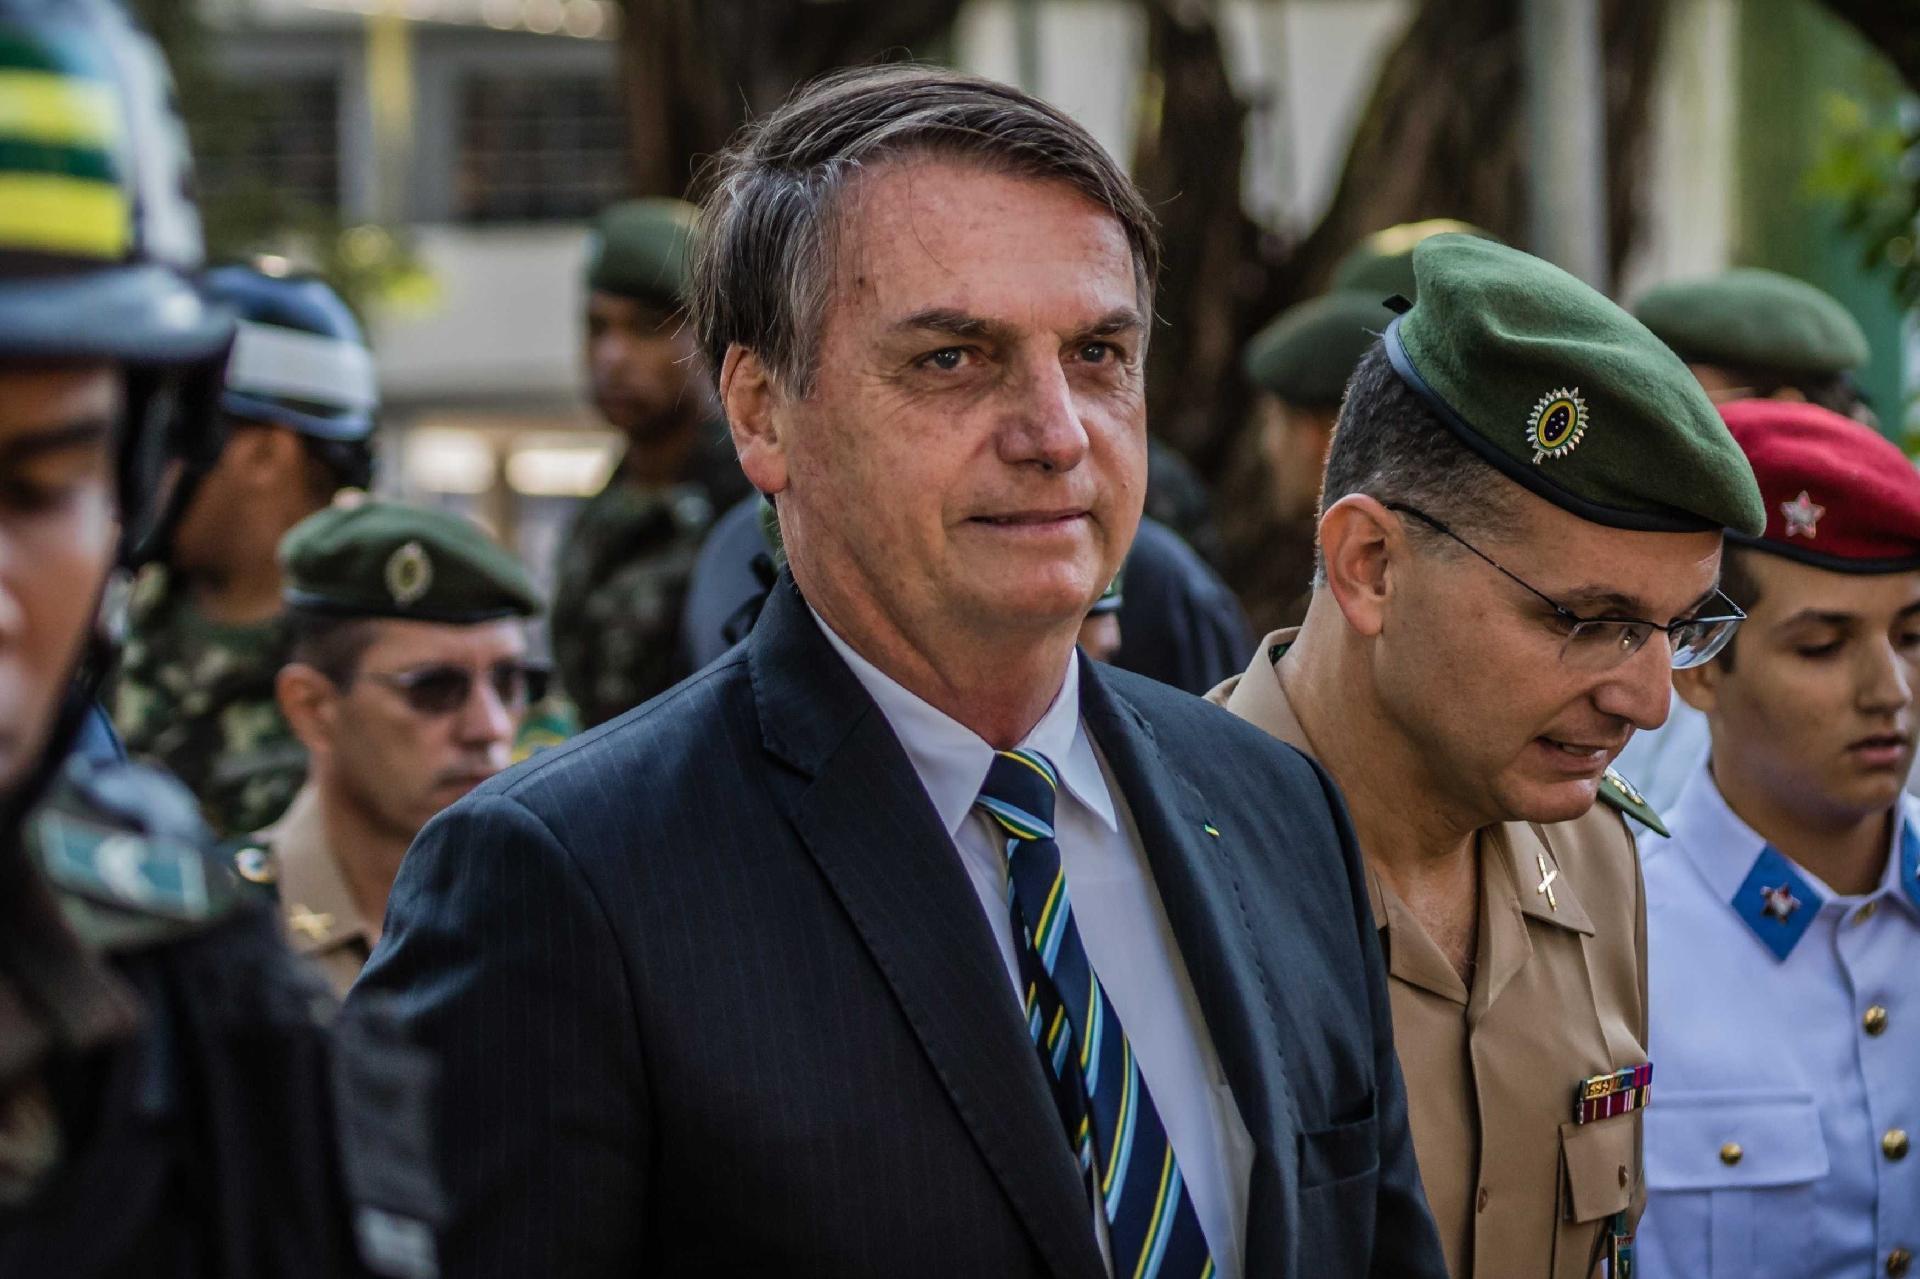 f1bd4947c55 Bolsonaro parabeniza primeiro-ministro da Austrália por vitória -  19/05/2019 - UOL Notícias